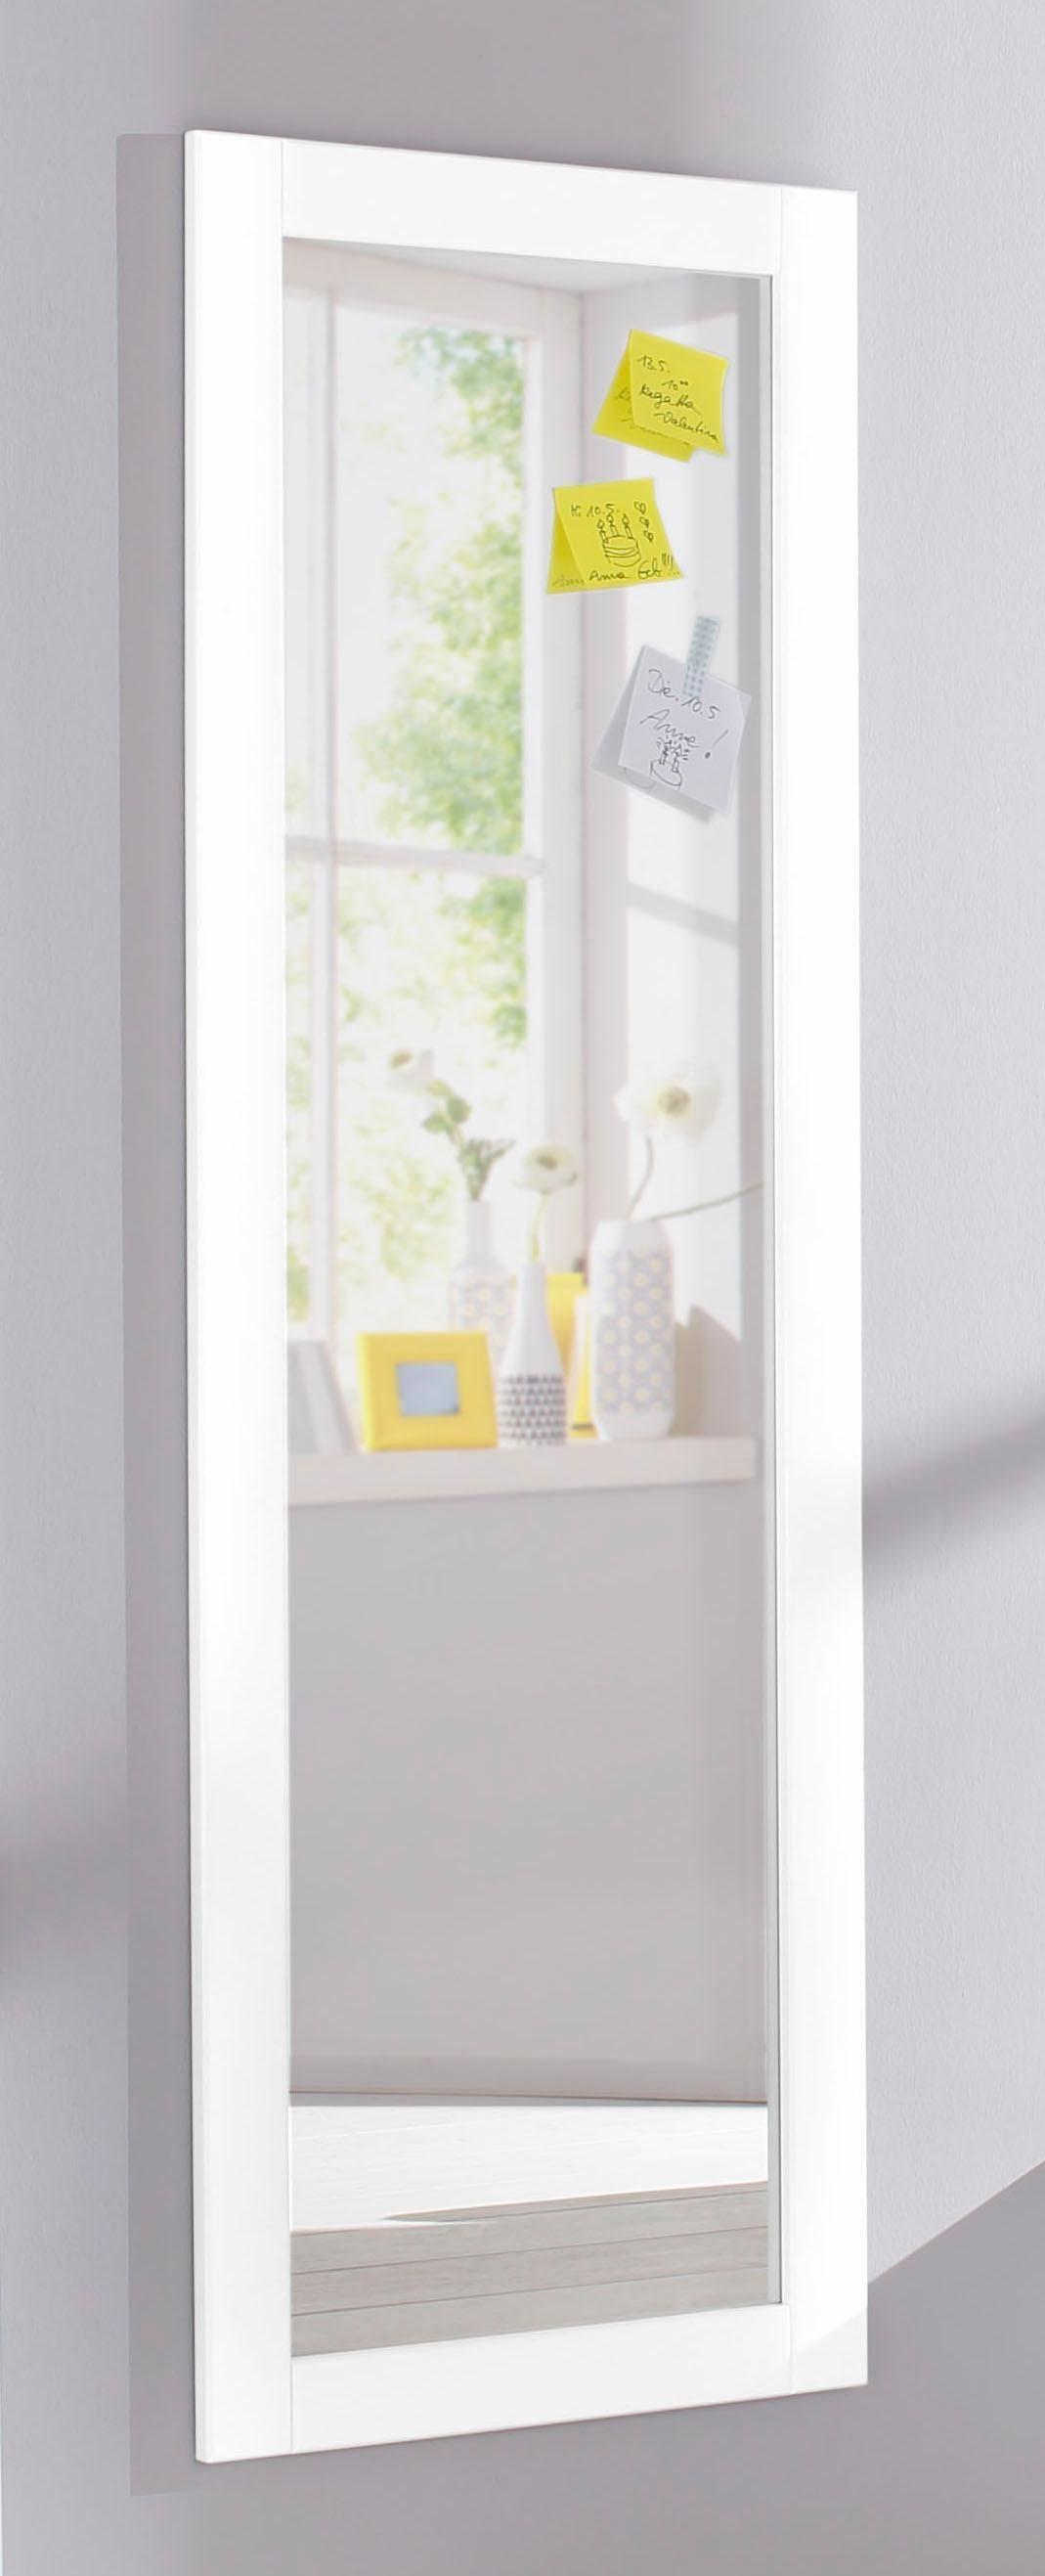 Home affaire Spiegel «Rondo», Breite 50 cm